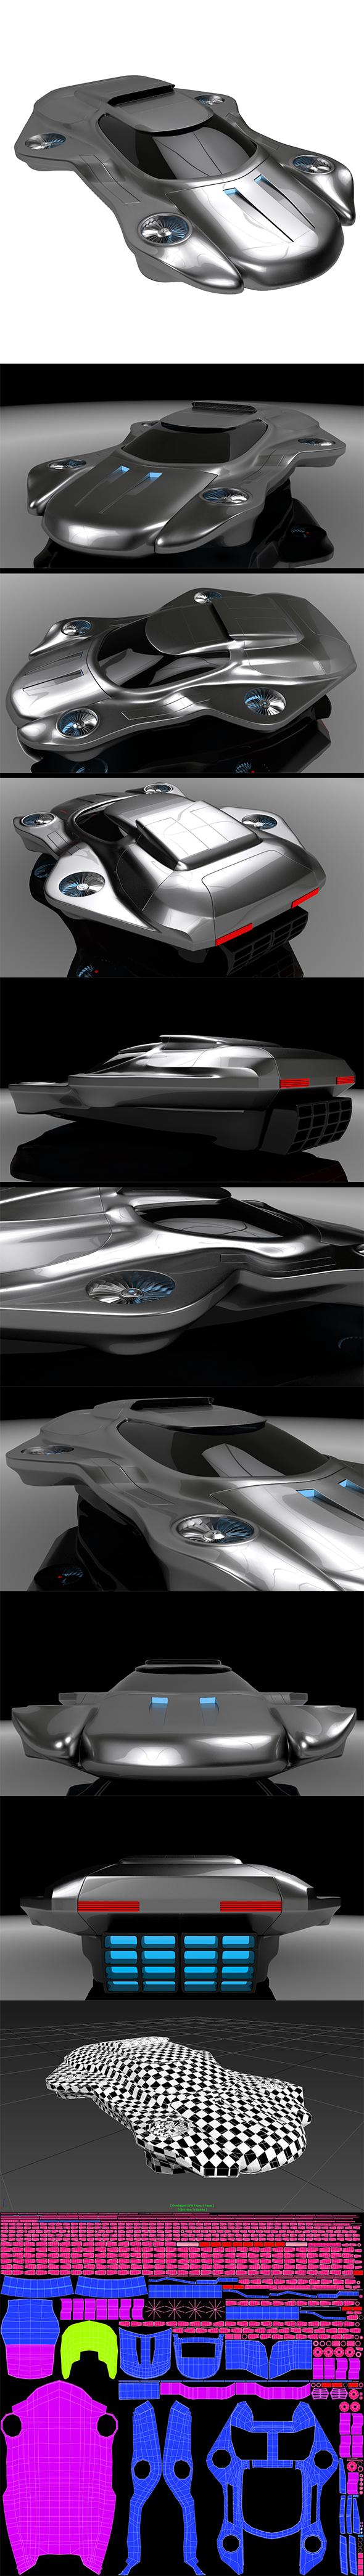 3DOcean Air machine hover car 20984492